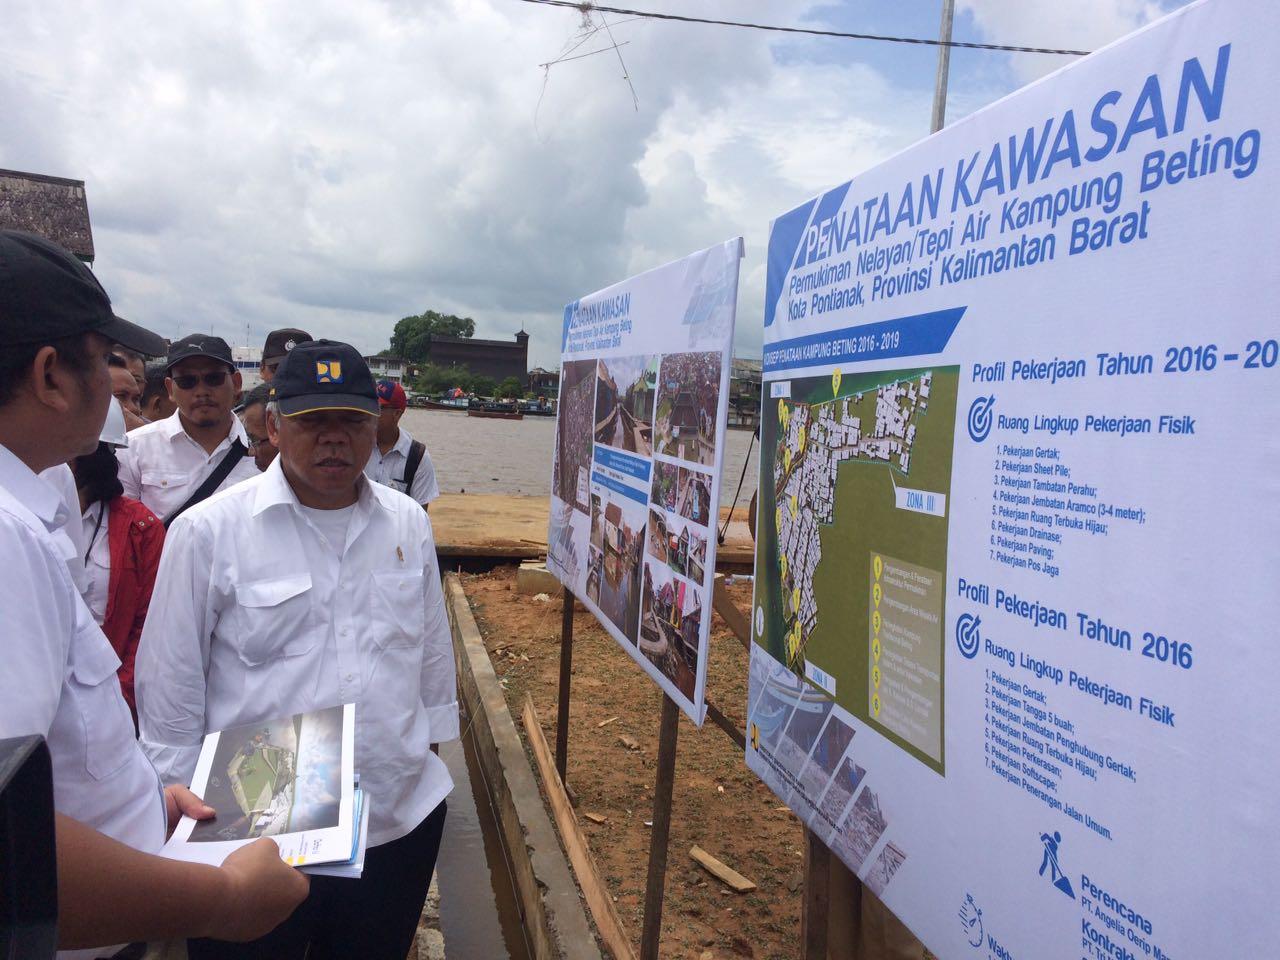 Kementerian Pekerjaan Umum Perumahan Rakyat Republik Indonesia Kampung Nelayan Beting